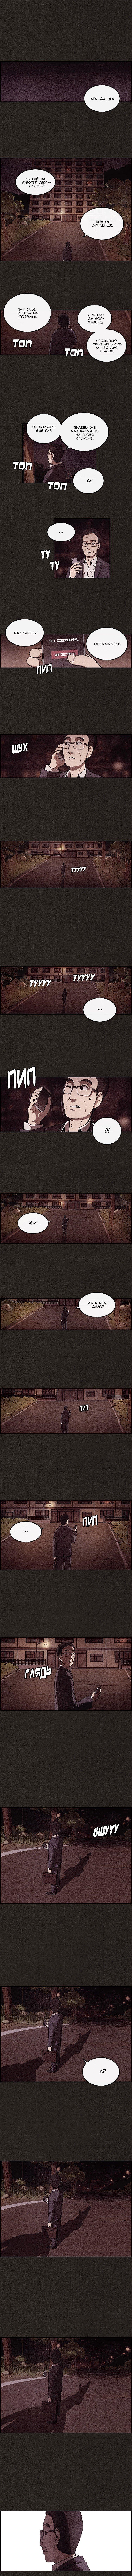 Манга Милый дом / Sweet Home (HWANG Youngchan) - Том 1 Глава 4 Страница 1